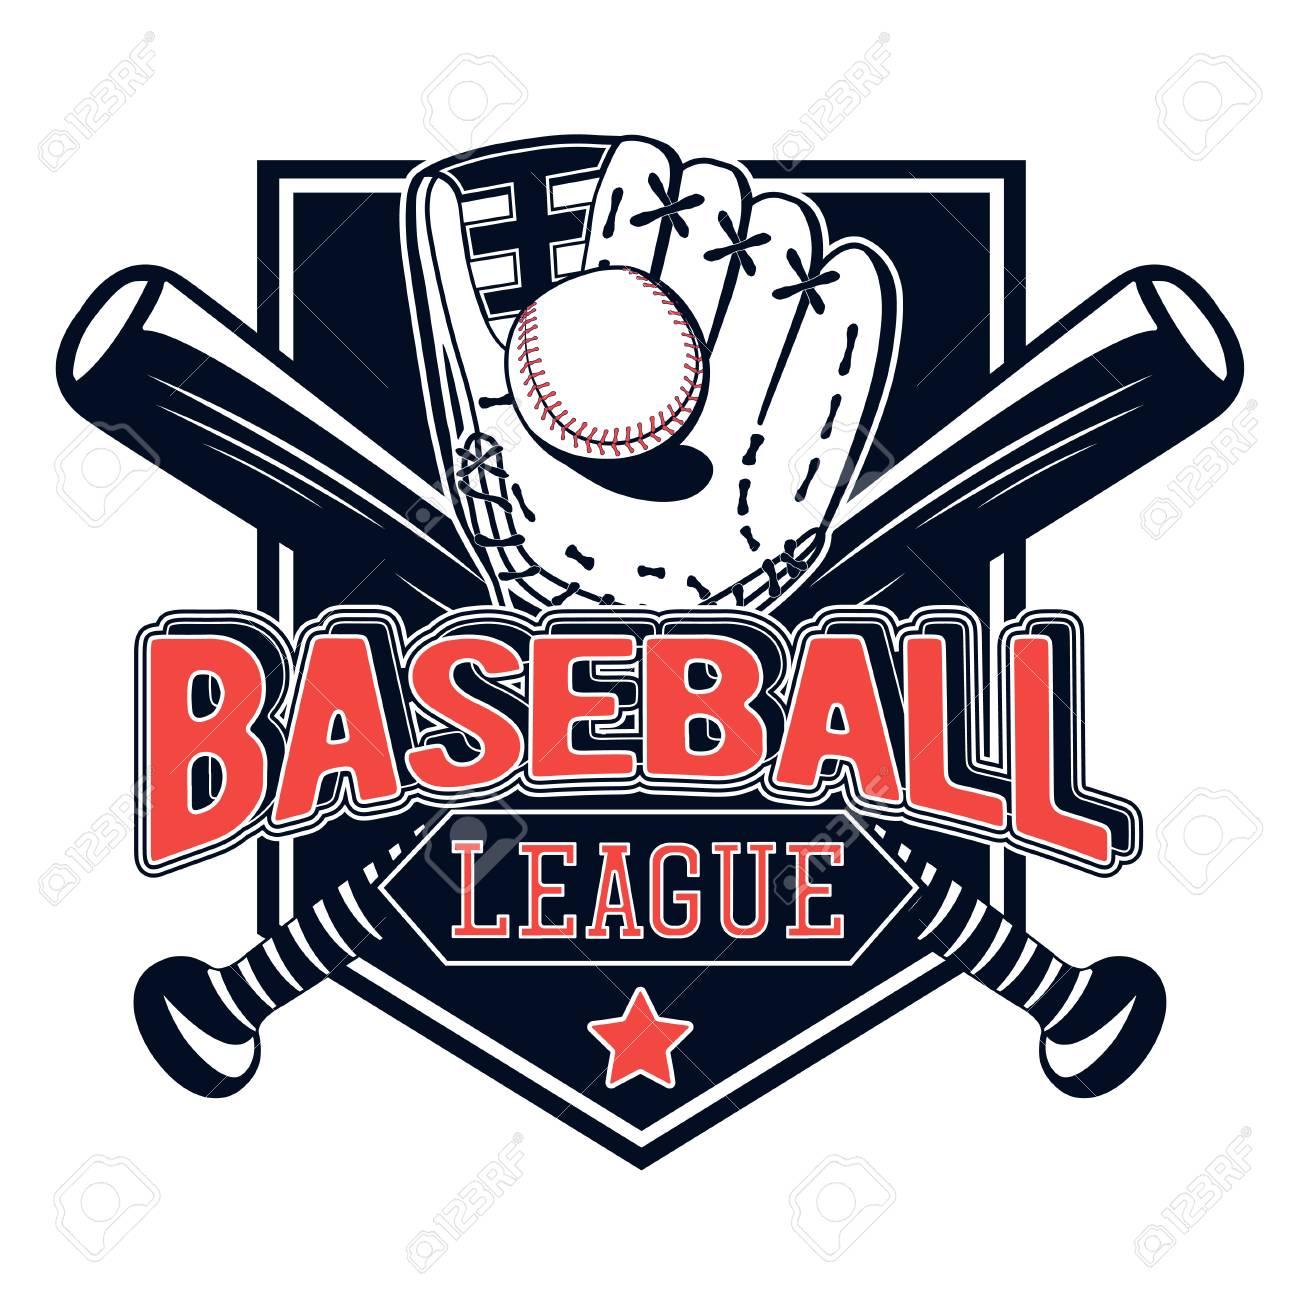 vector illustration of a baseball logo for your design print rh 123rf com baseball logo design templates baseball logo designer free